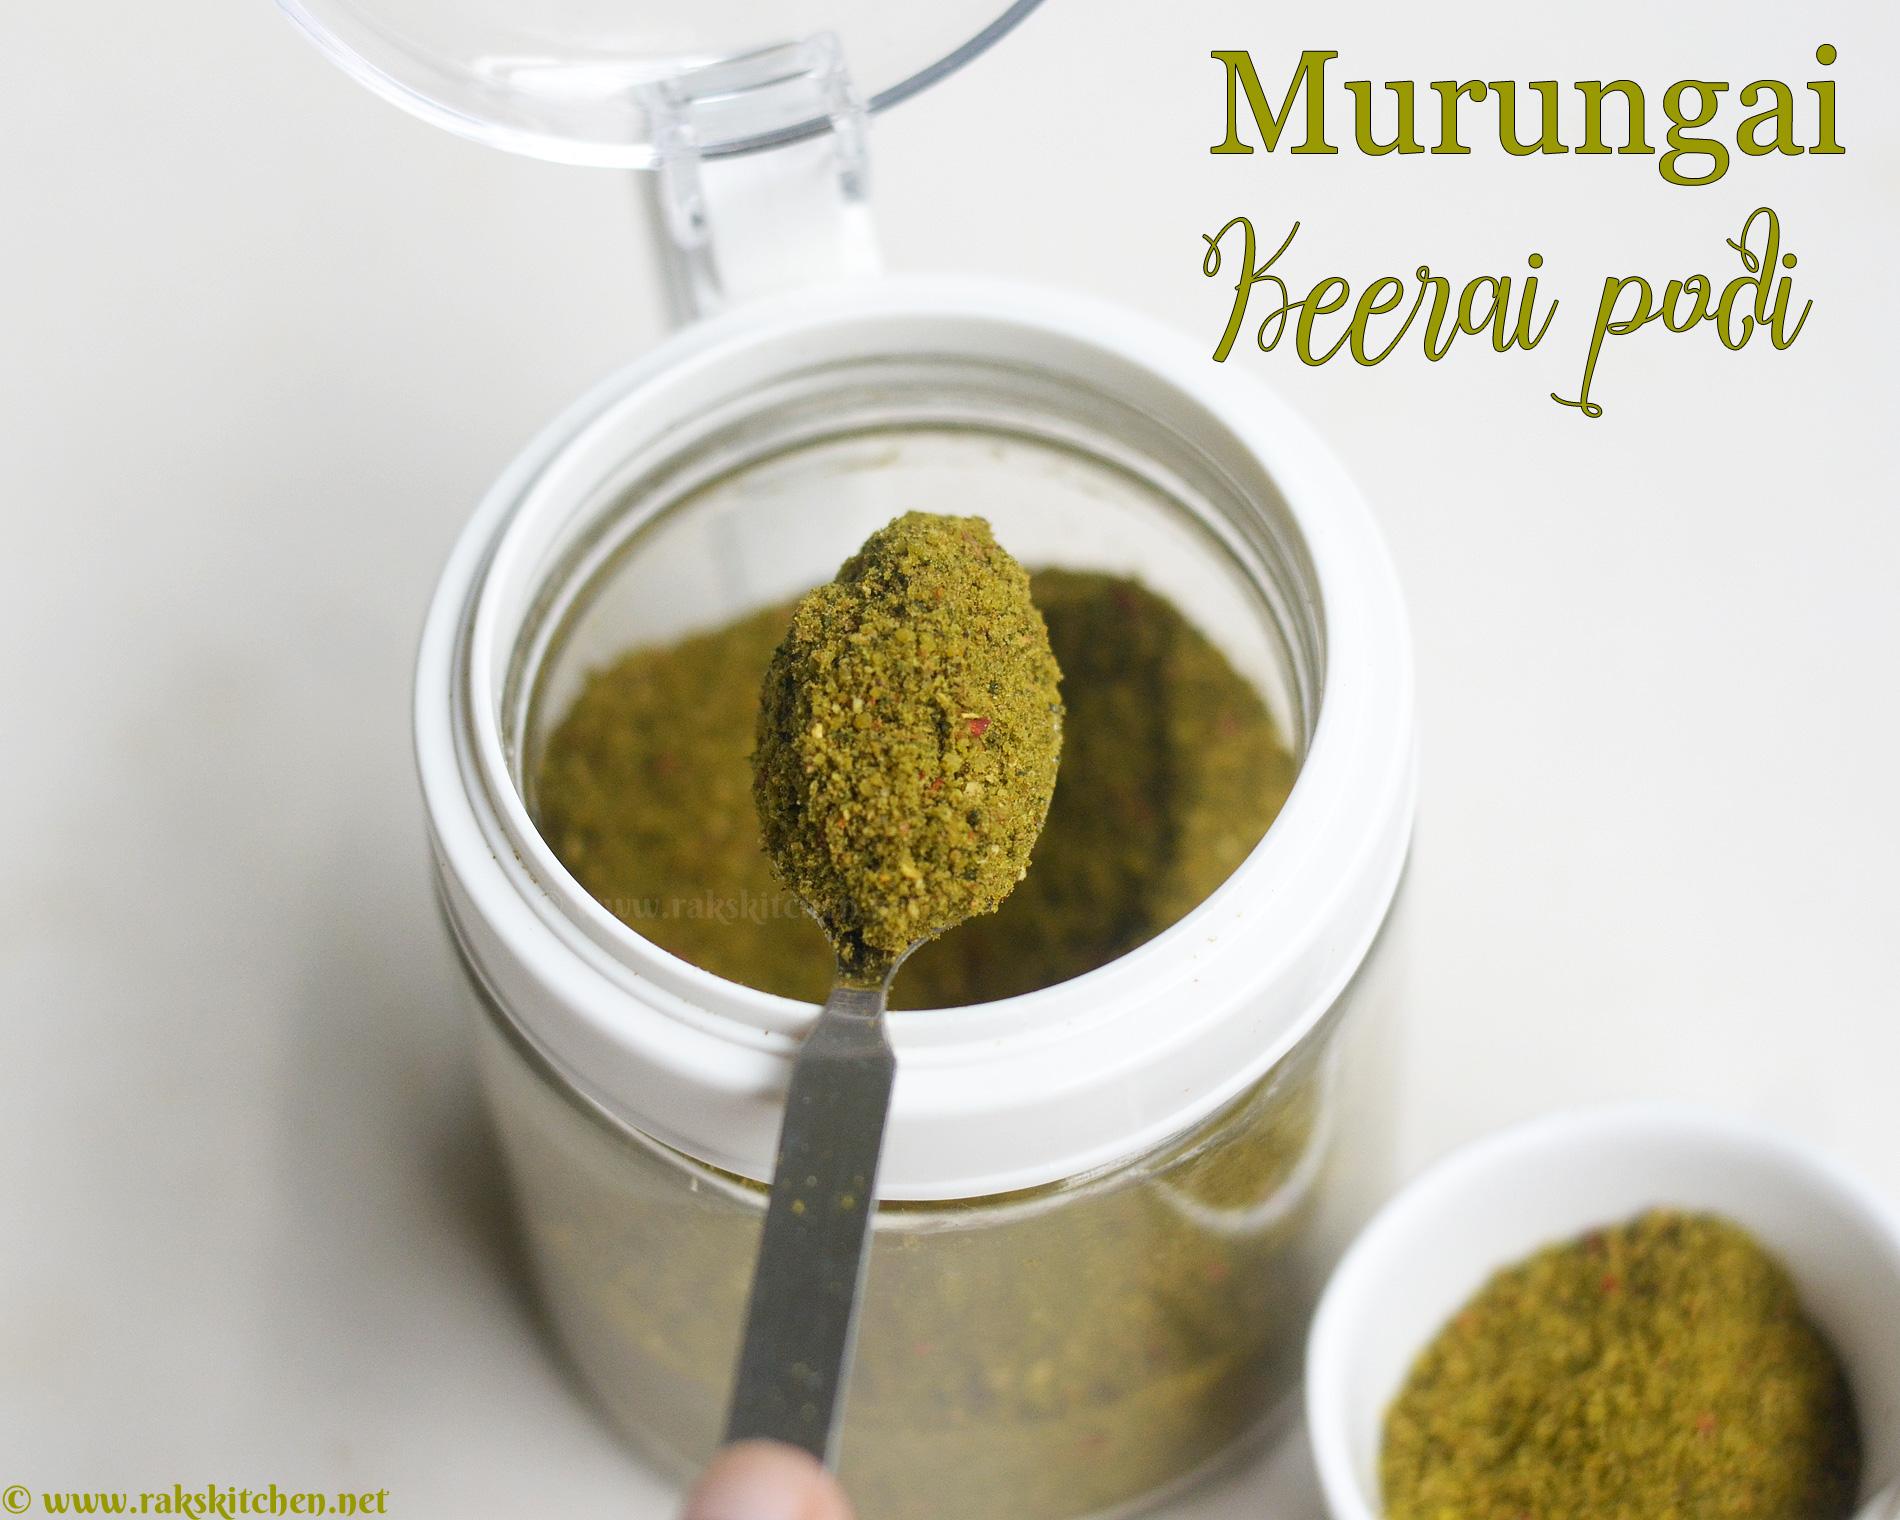 Murungai keerai podi, sobrecoxa em pó para arroz 1